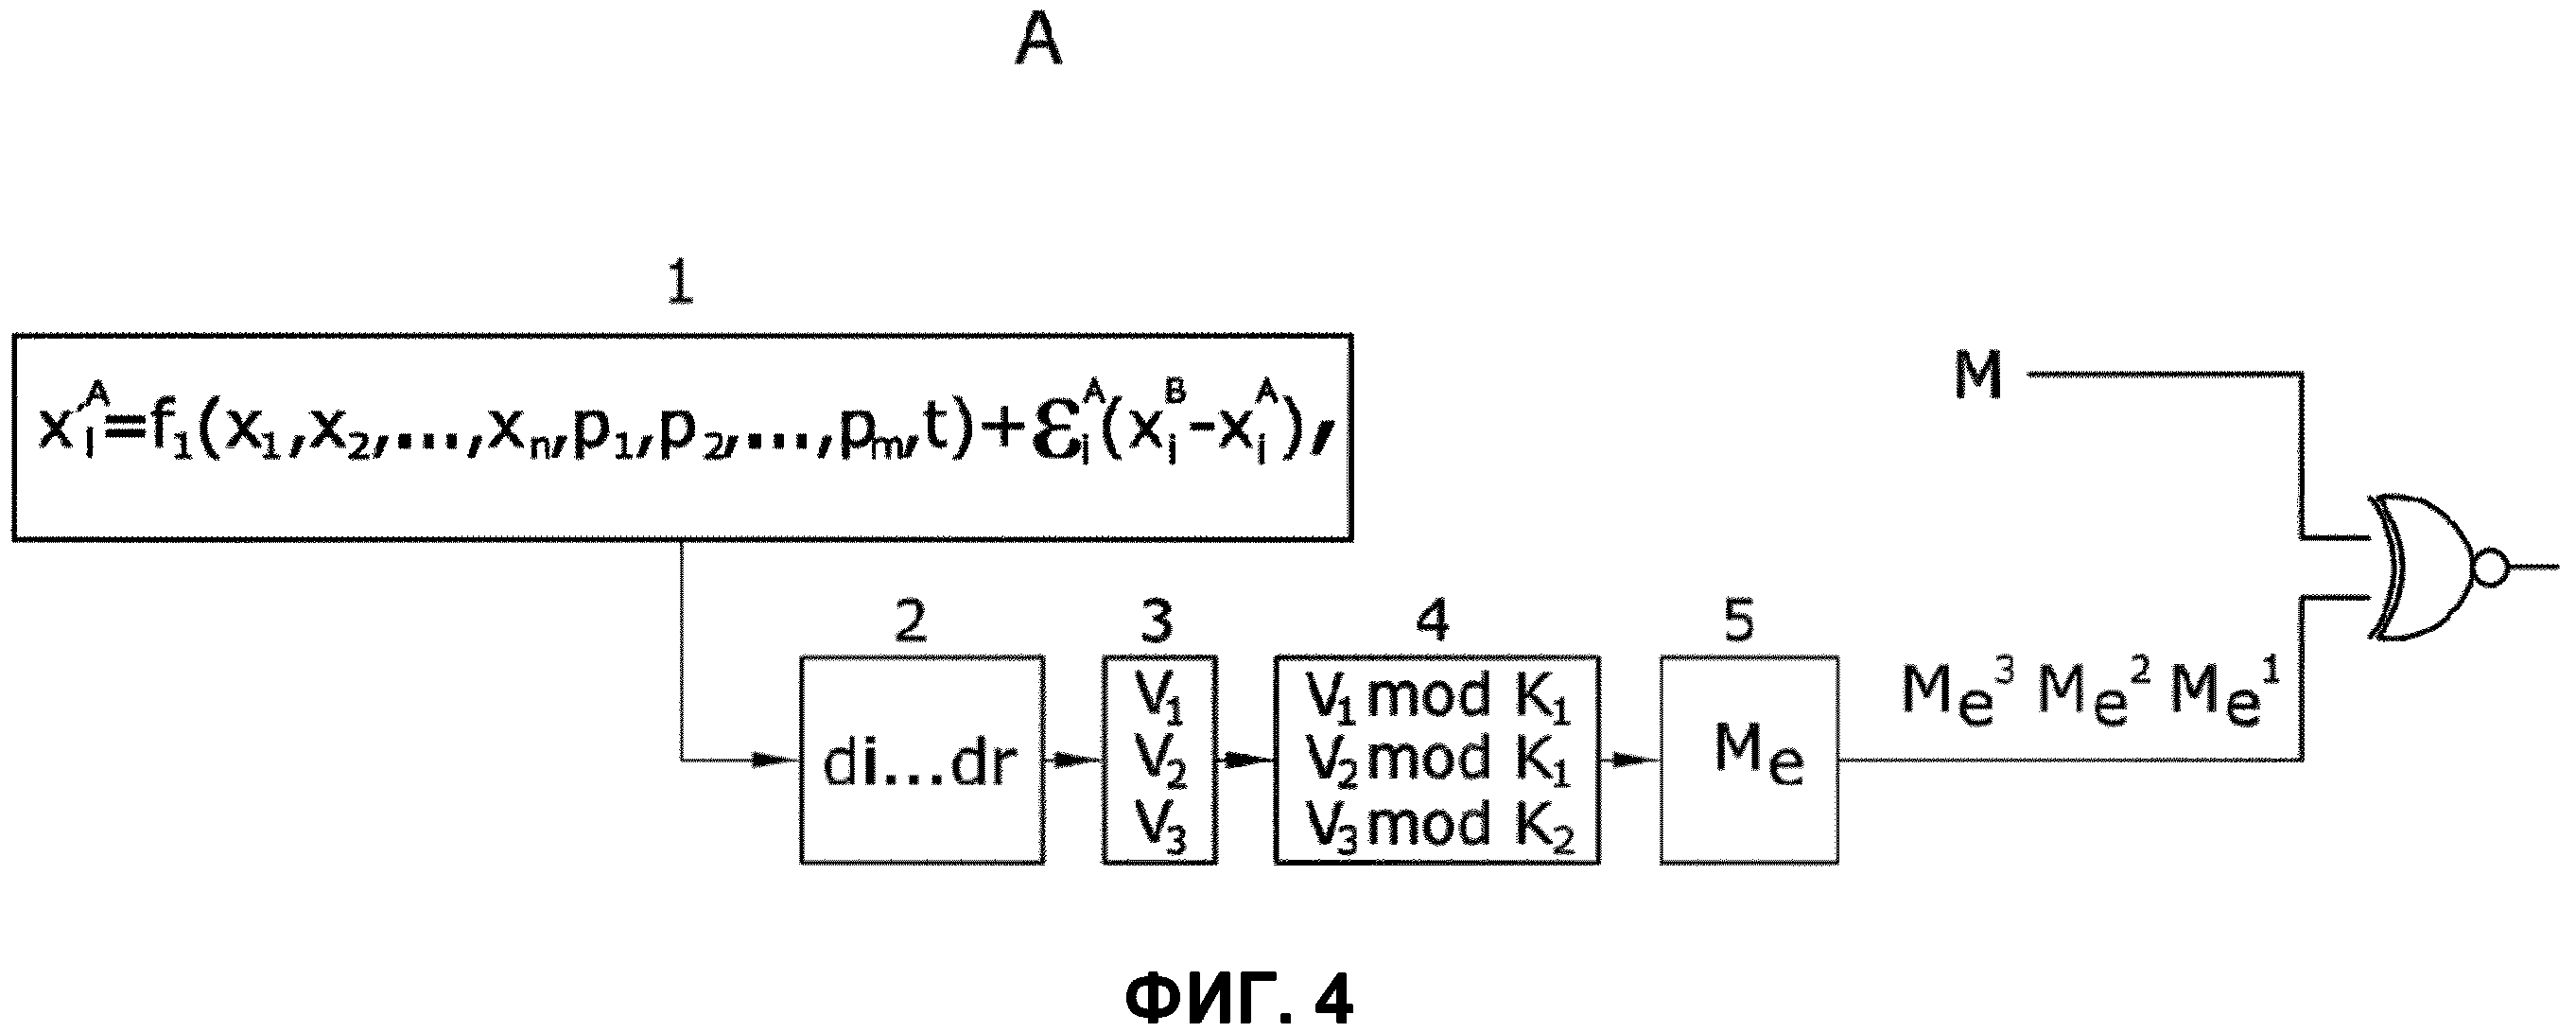 Способ для генерирования псевдослучайной последовательности и способ для кодирования или декодирования потока данных